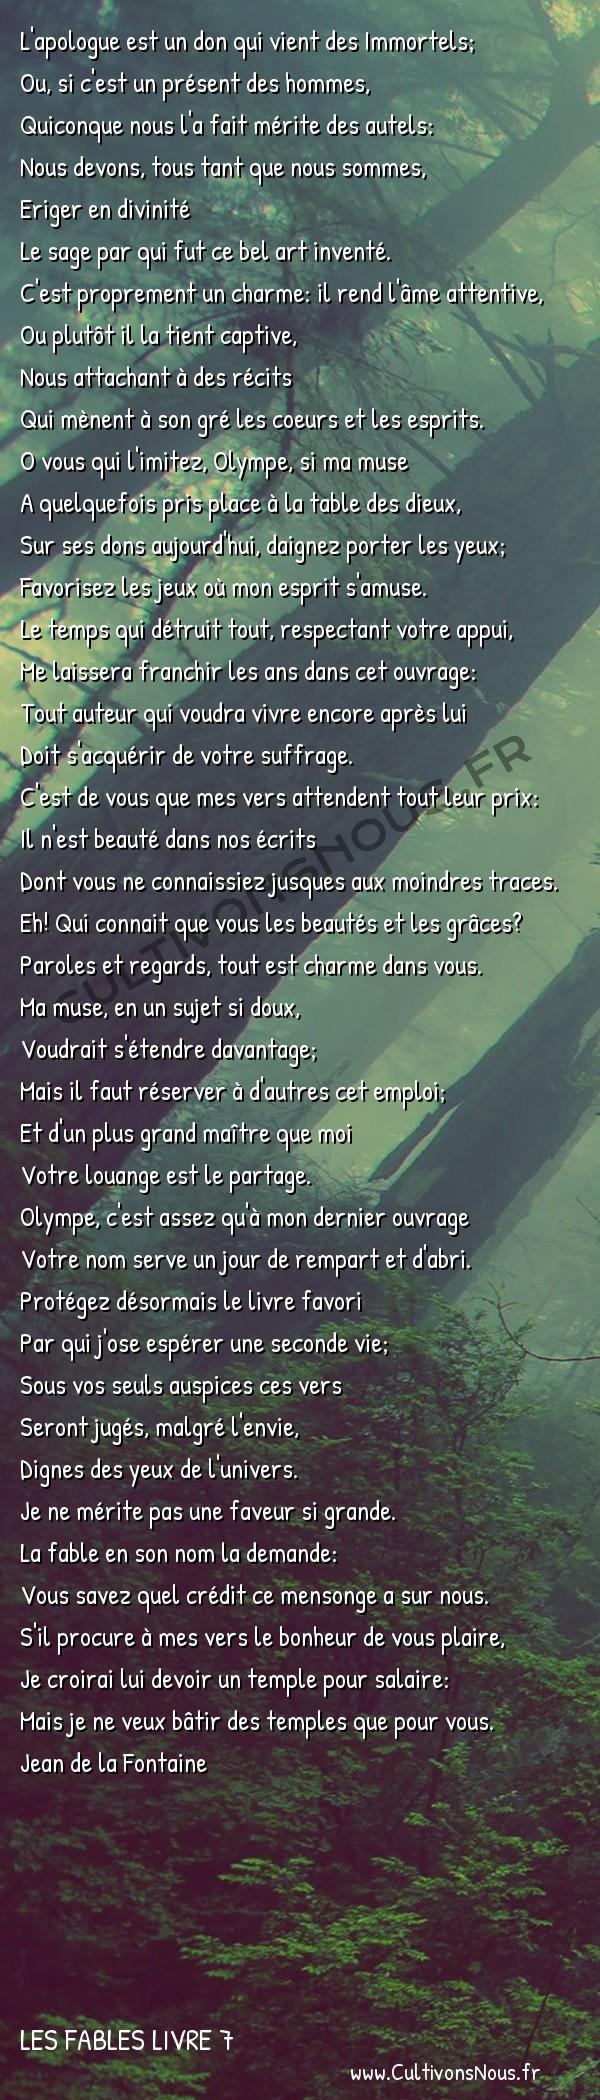 Fables Jean de la Fontaine - Les fables Livre 7 - A Madame de Montespan -   L'apologue est un don qui vient des Immortels; Ou, si c'est un présent des hommes,